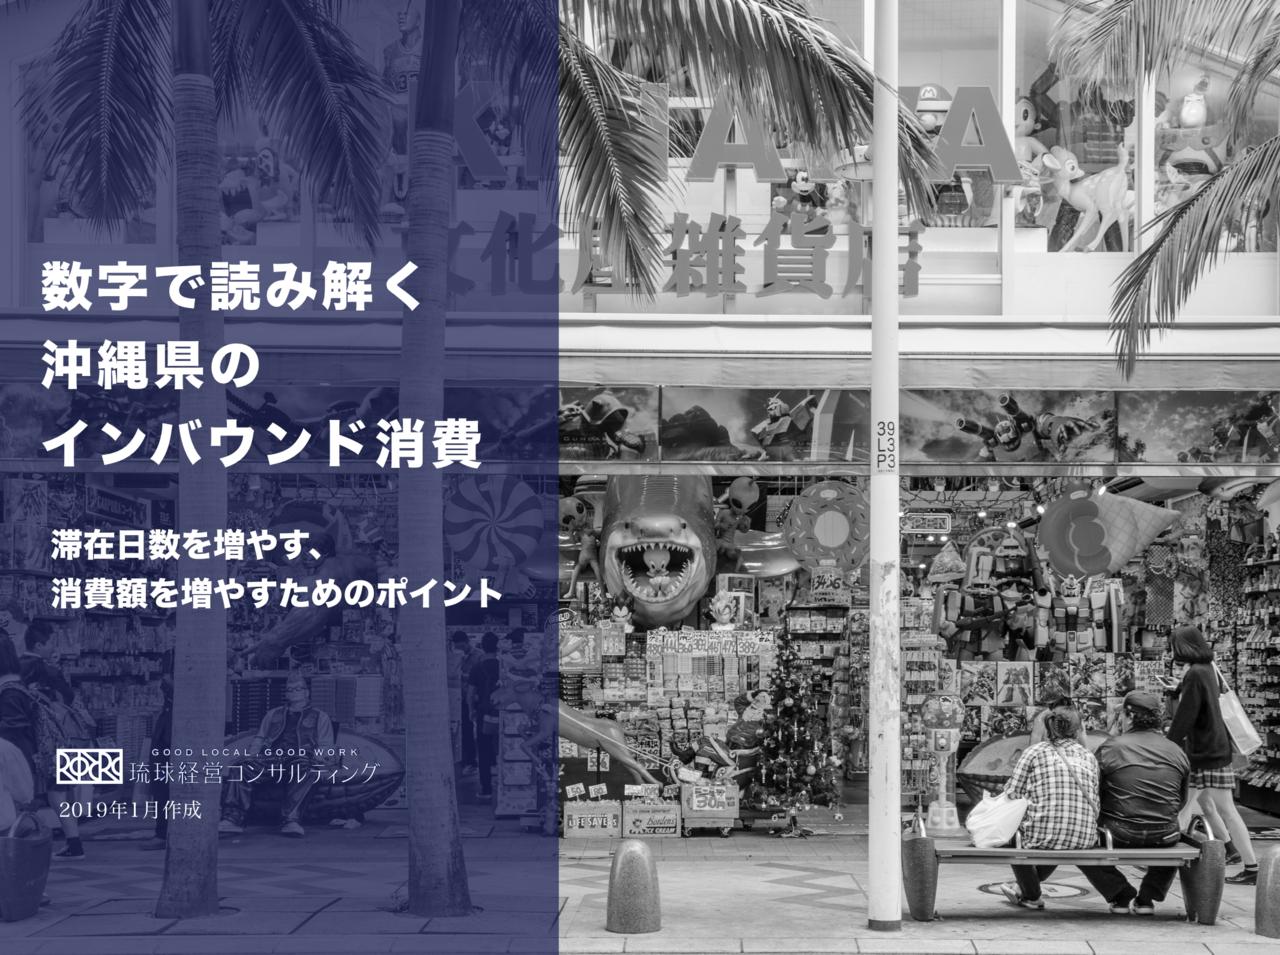 【全20ページ】5年で7倍の成長率!好調な沖縄のインバウンド消費の現状認識と課題を各種データを用いて解説。海外観光客の滞在中の活動や消費動向、国別の特徴分析やショッピングでの購入品目の変化などから、今後のインバウンド消費に対応するためのポイントをまとめました。インバウンド消費に関わる観光業や小売業の方々は是非!